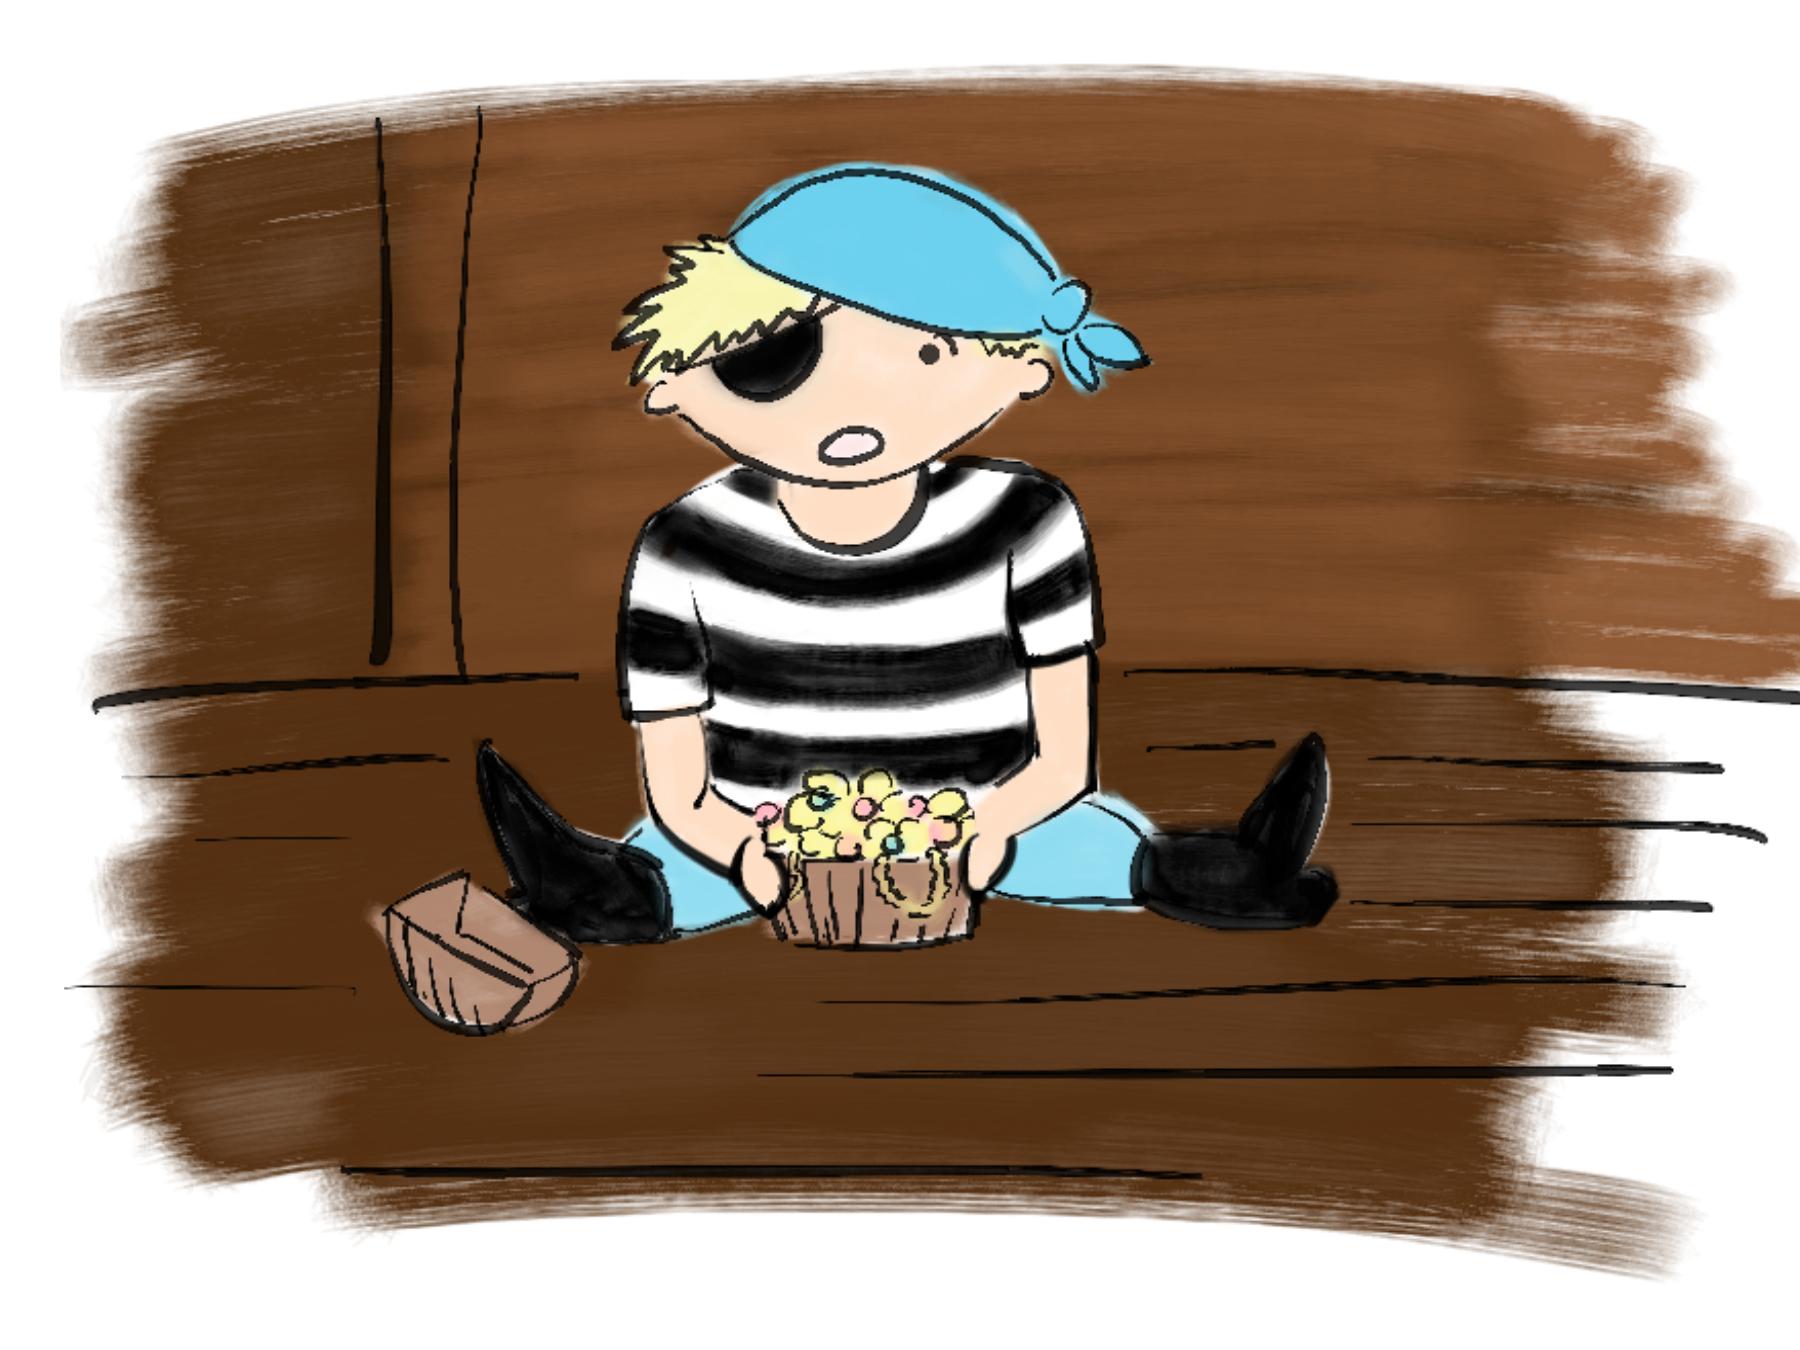 pirate kayleigh mccallum illustration.JPG